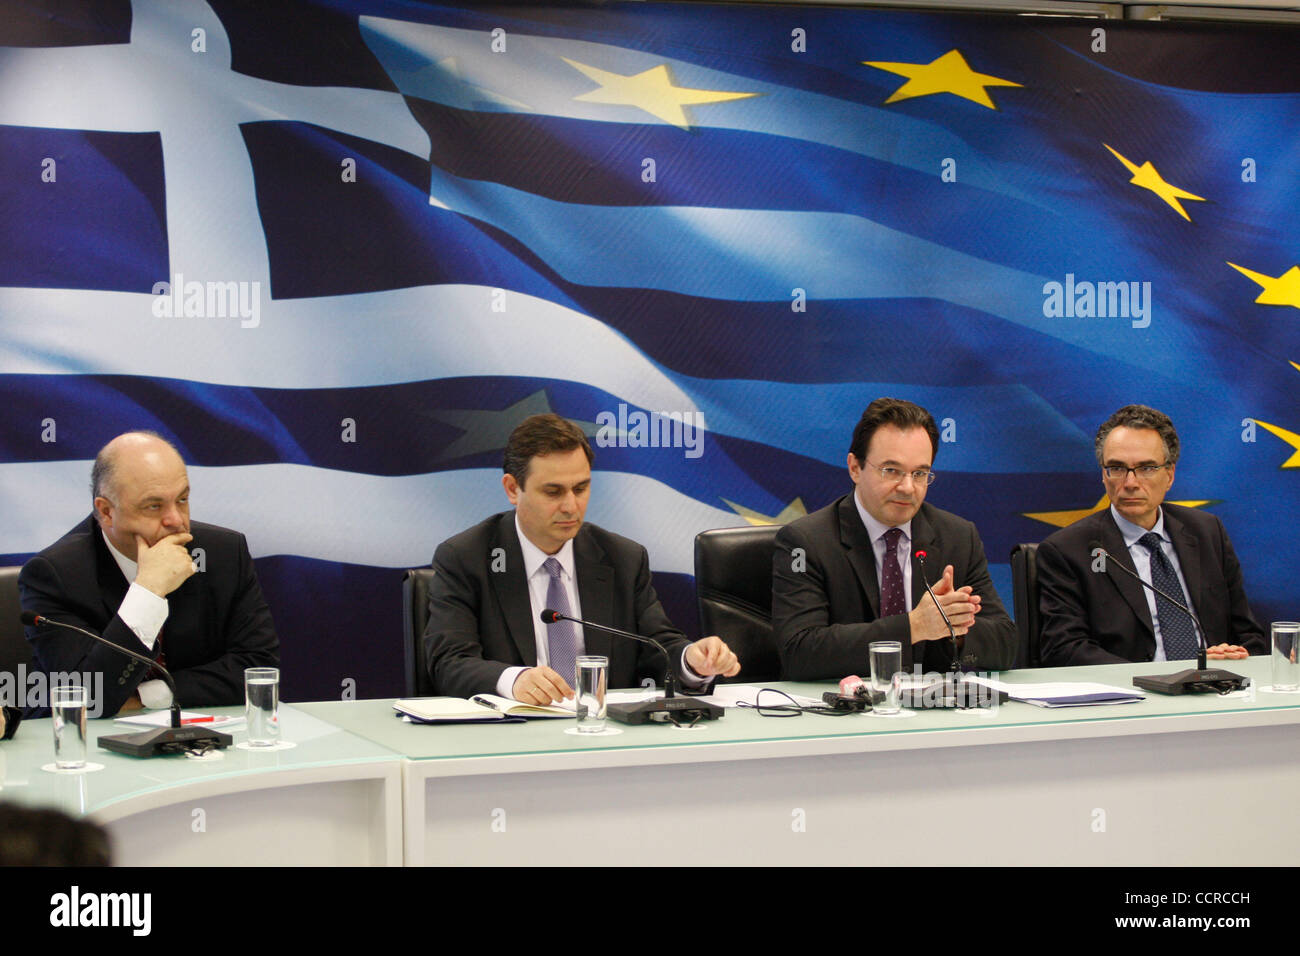 20 avril 2010 - Athènes, Grèce - Ministre grec des Finances GEORGE PAPAKONSTANTINOU et son personnel. Un jour avant la délibération du Ministre grec des Finances et son personnel avec les délégués de l'Union européenne, la Banque centrale européenne et I.M.F. il donne une conférence de presse sur le polici Banque D'Images